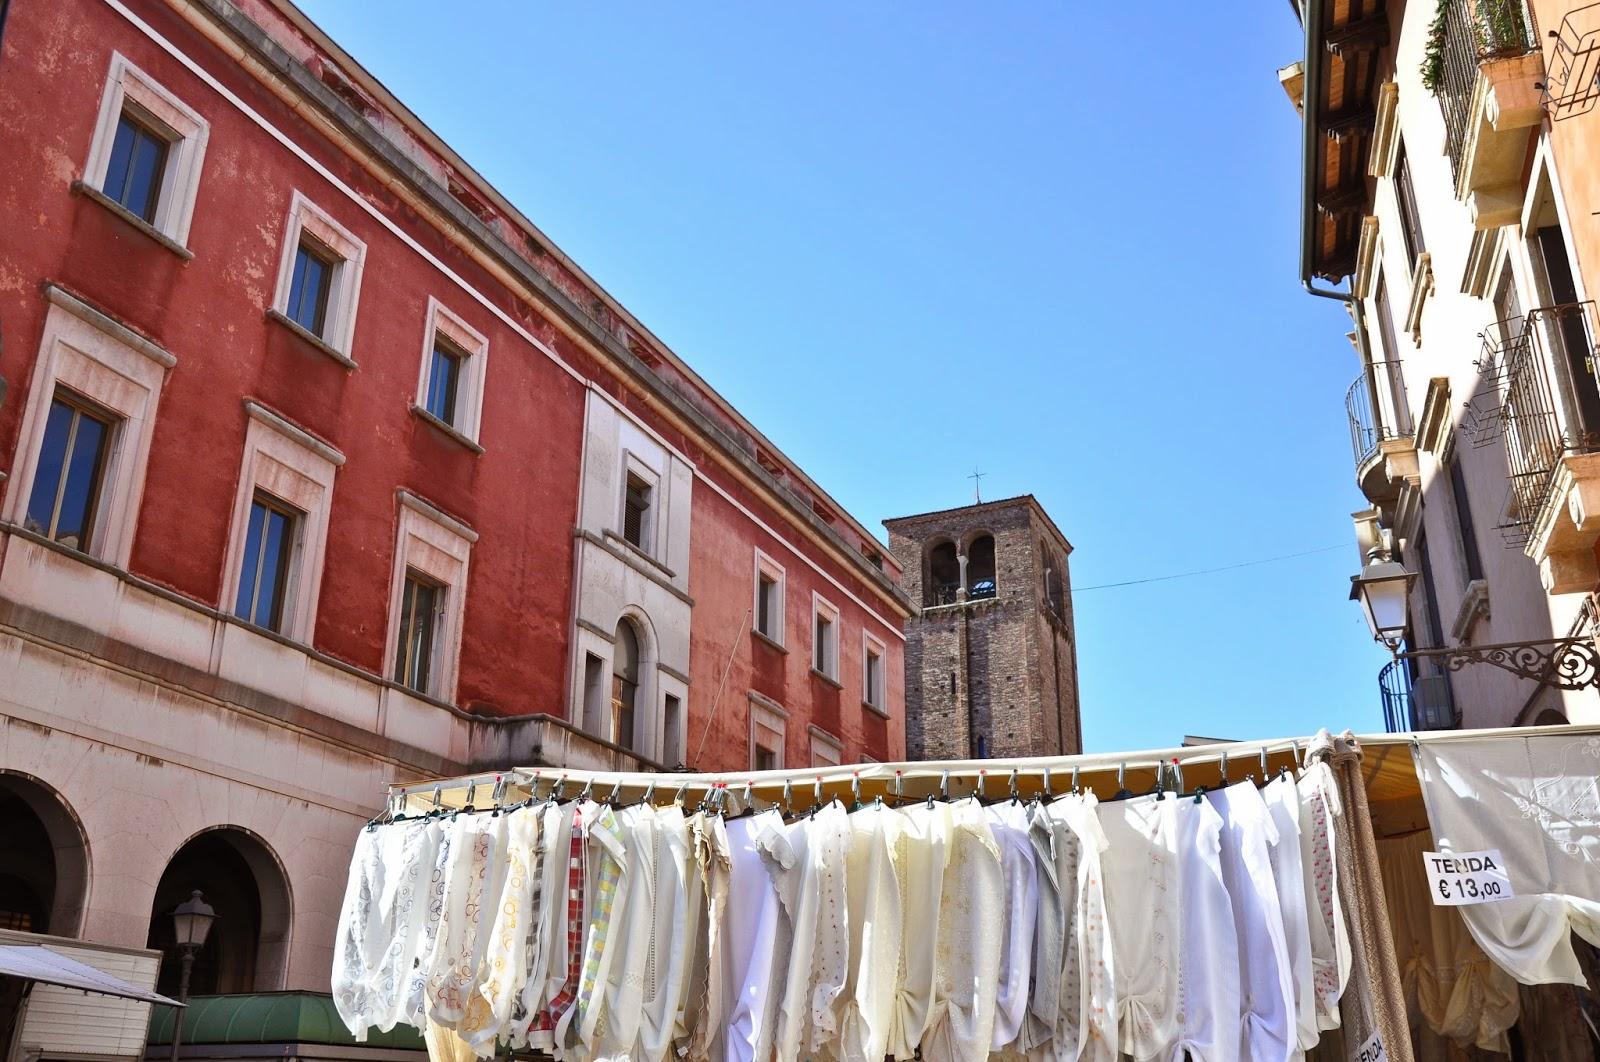 Fabrics at the Thursday market in Vicenza, Italy-2